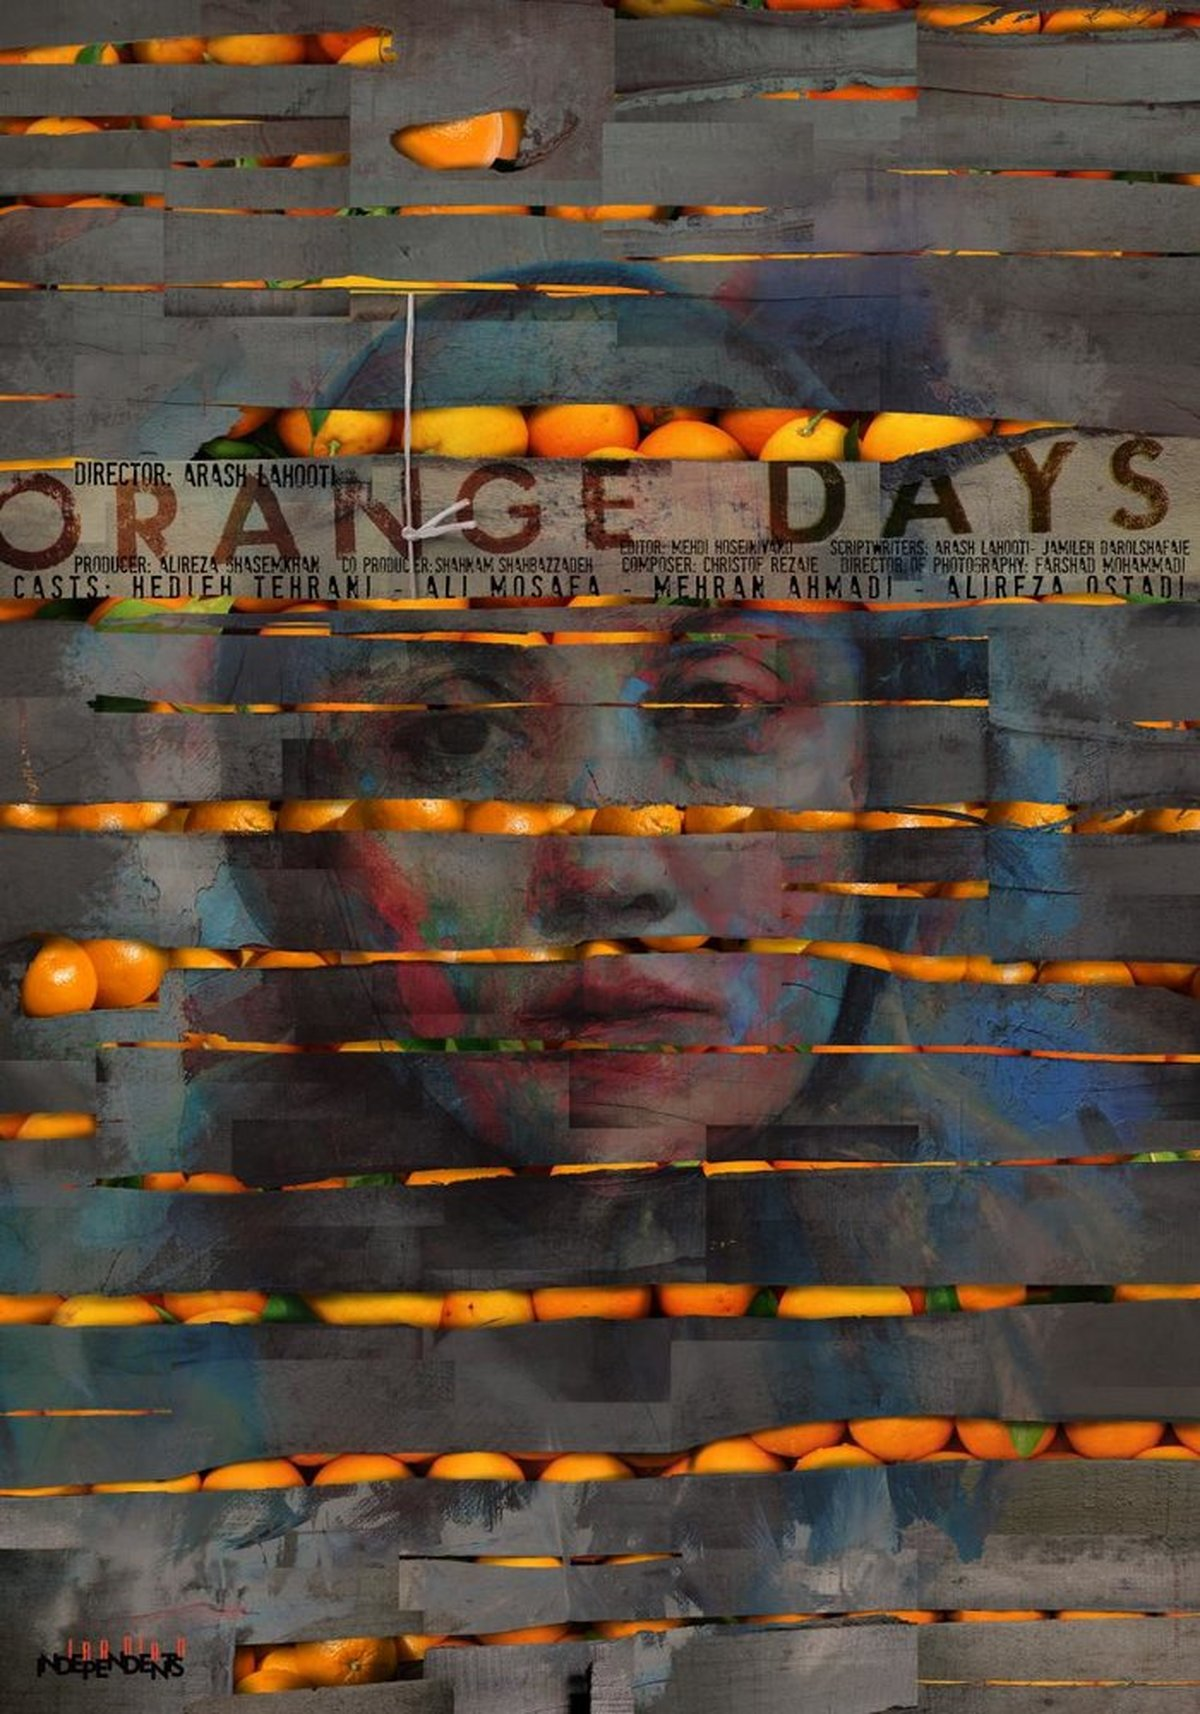 پوستر تازه «روزهای نارنجی» با تصویری محو از هدیه تهرانی